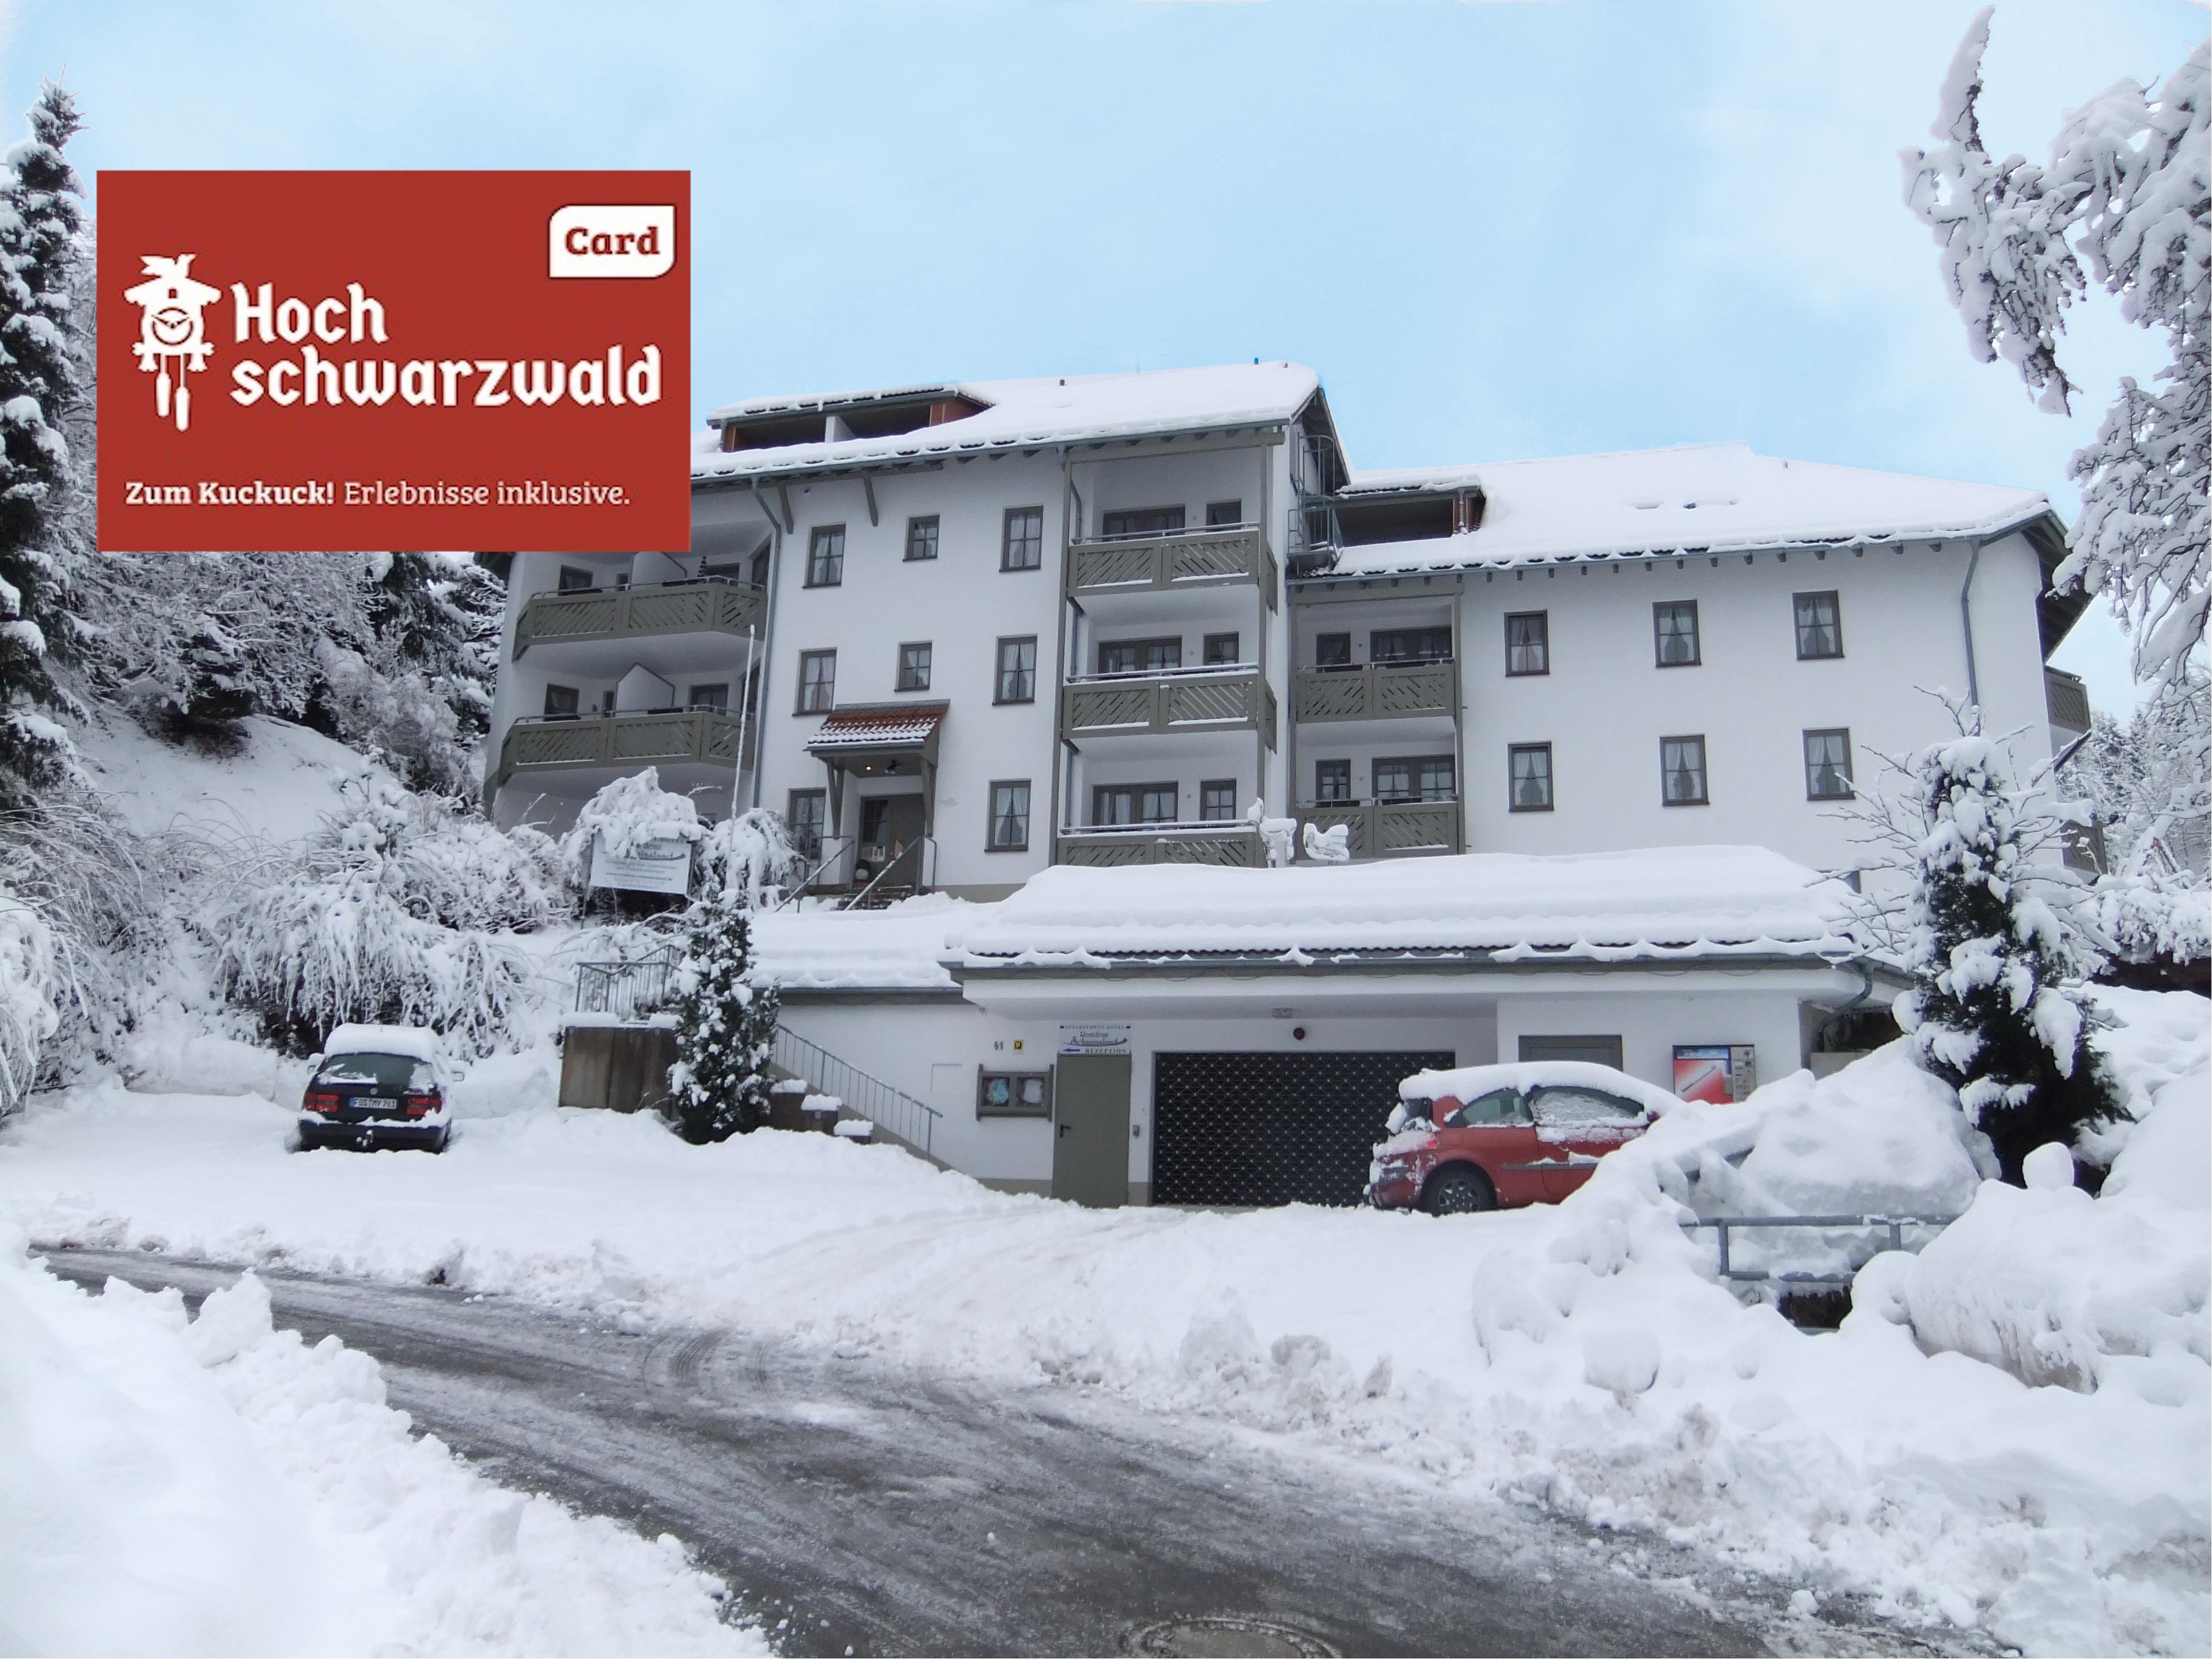 Ferienwohnung Fewo 20 - Residenz Schauinsland- mit SchwimmbadTodtnauberg bei Feldberg (2641795), Todtnau, Schwarzwald, Baden-Württemberg, Deutschland, Bild 22